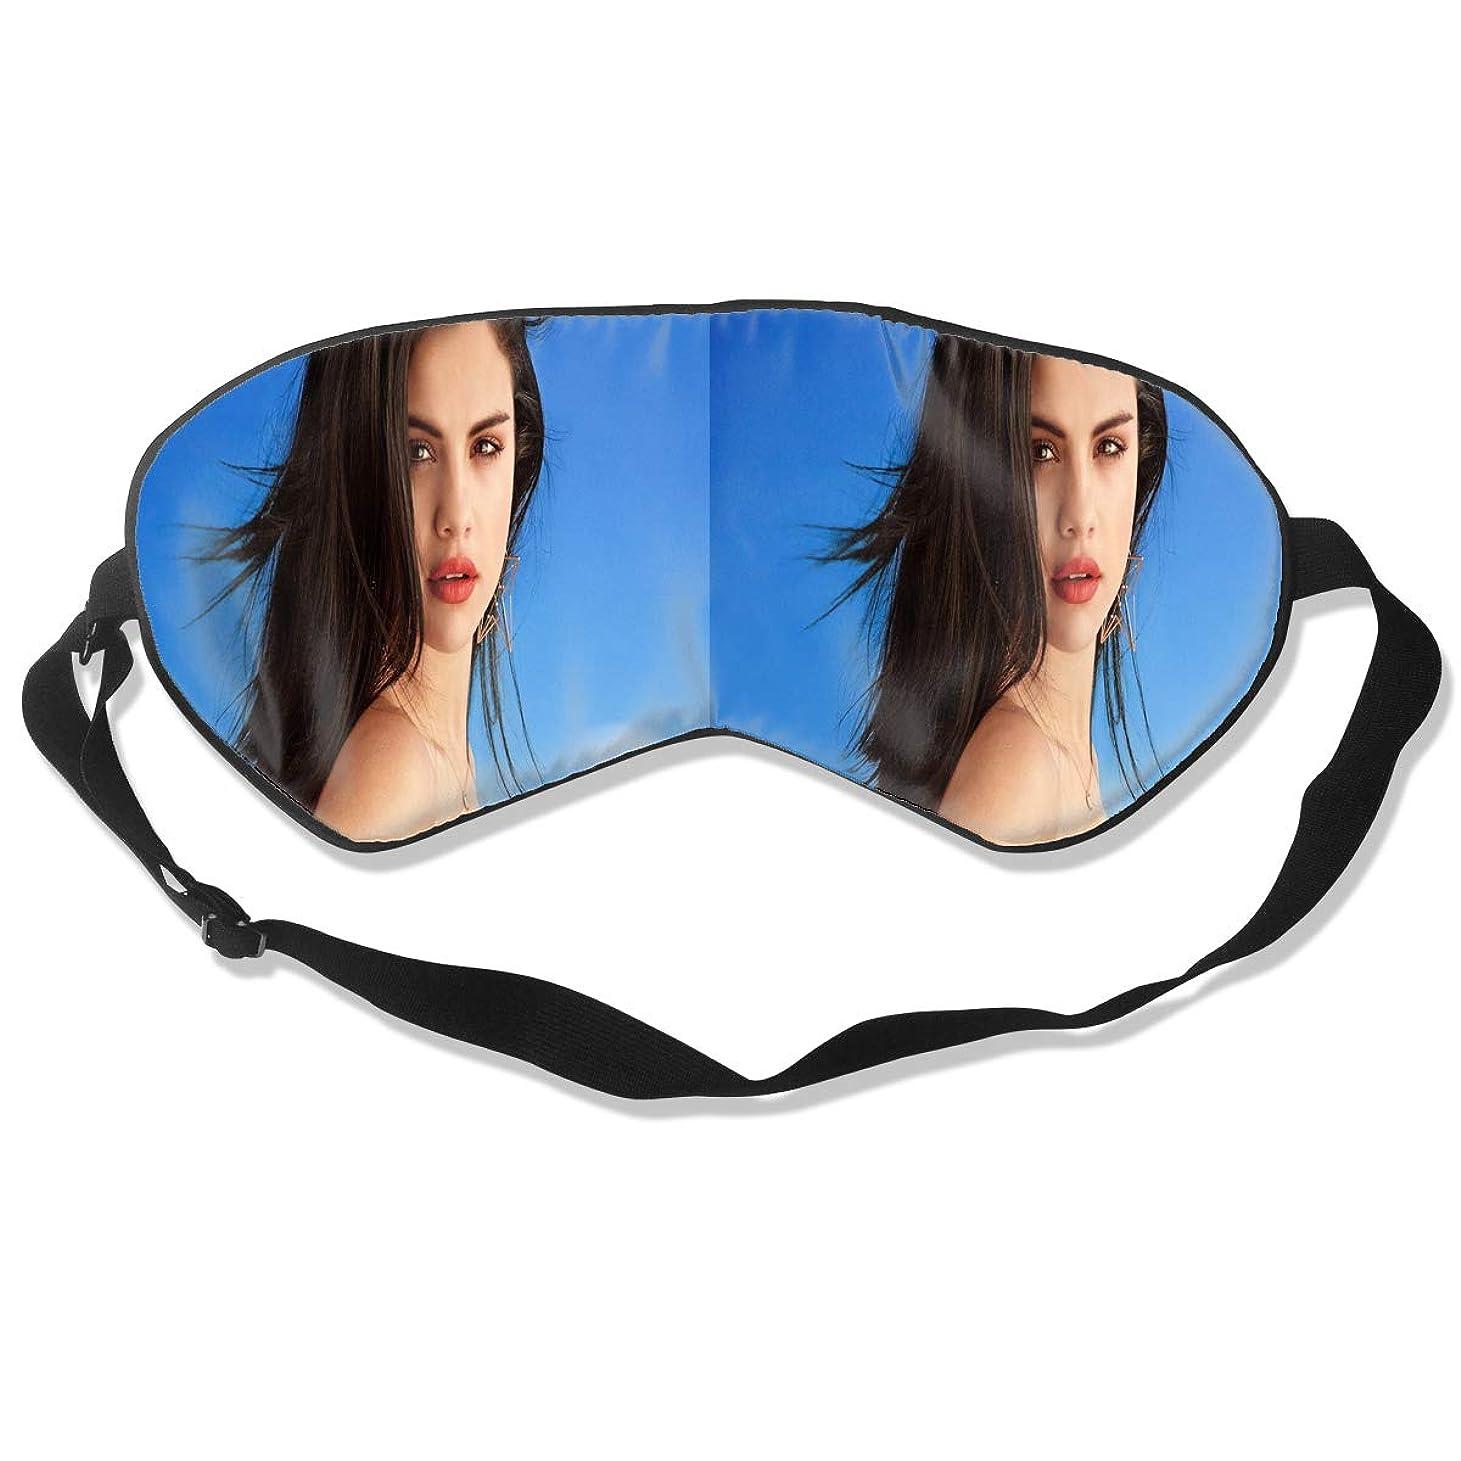 普及人与えるアイマスク Selena Gomez 睡眠対策、いびき軽減、眠りと目の疲れ、スーパーソフト、超滑らかな絹のような通気性